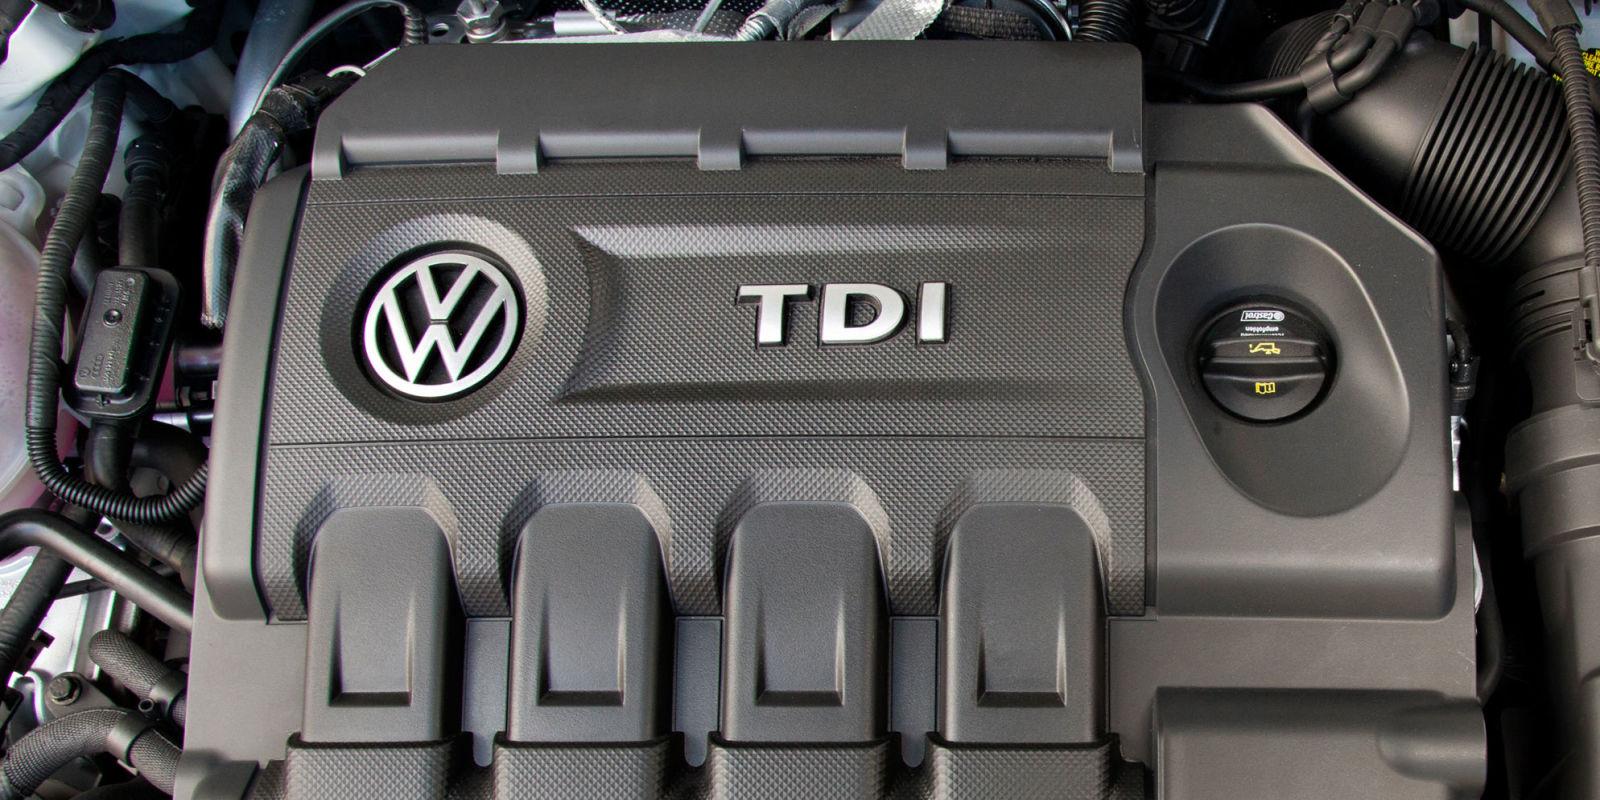 vw diesel buyback update volkswagen to pay 15 billion. Black Bedroom Furniture Sets. Home Design Ideas